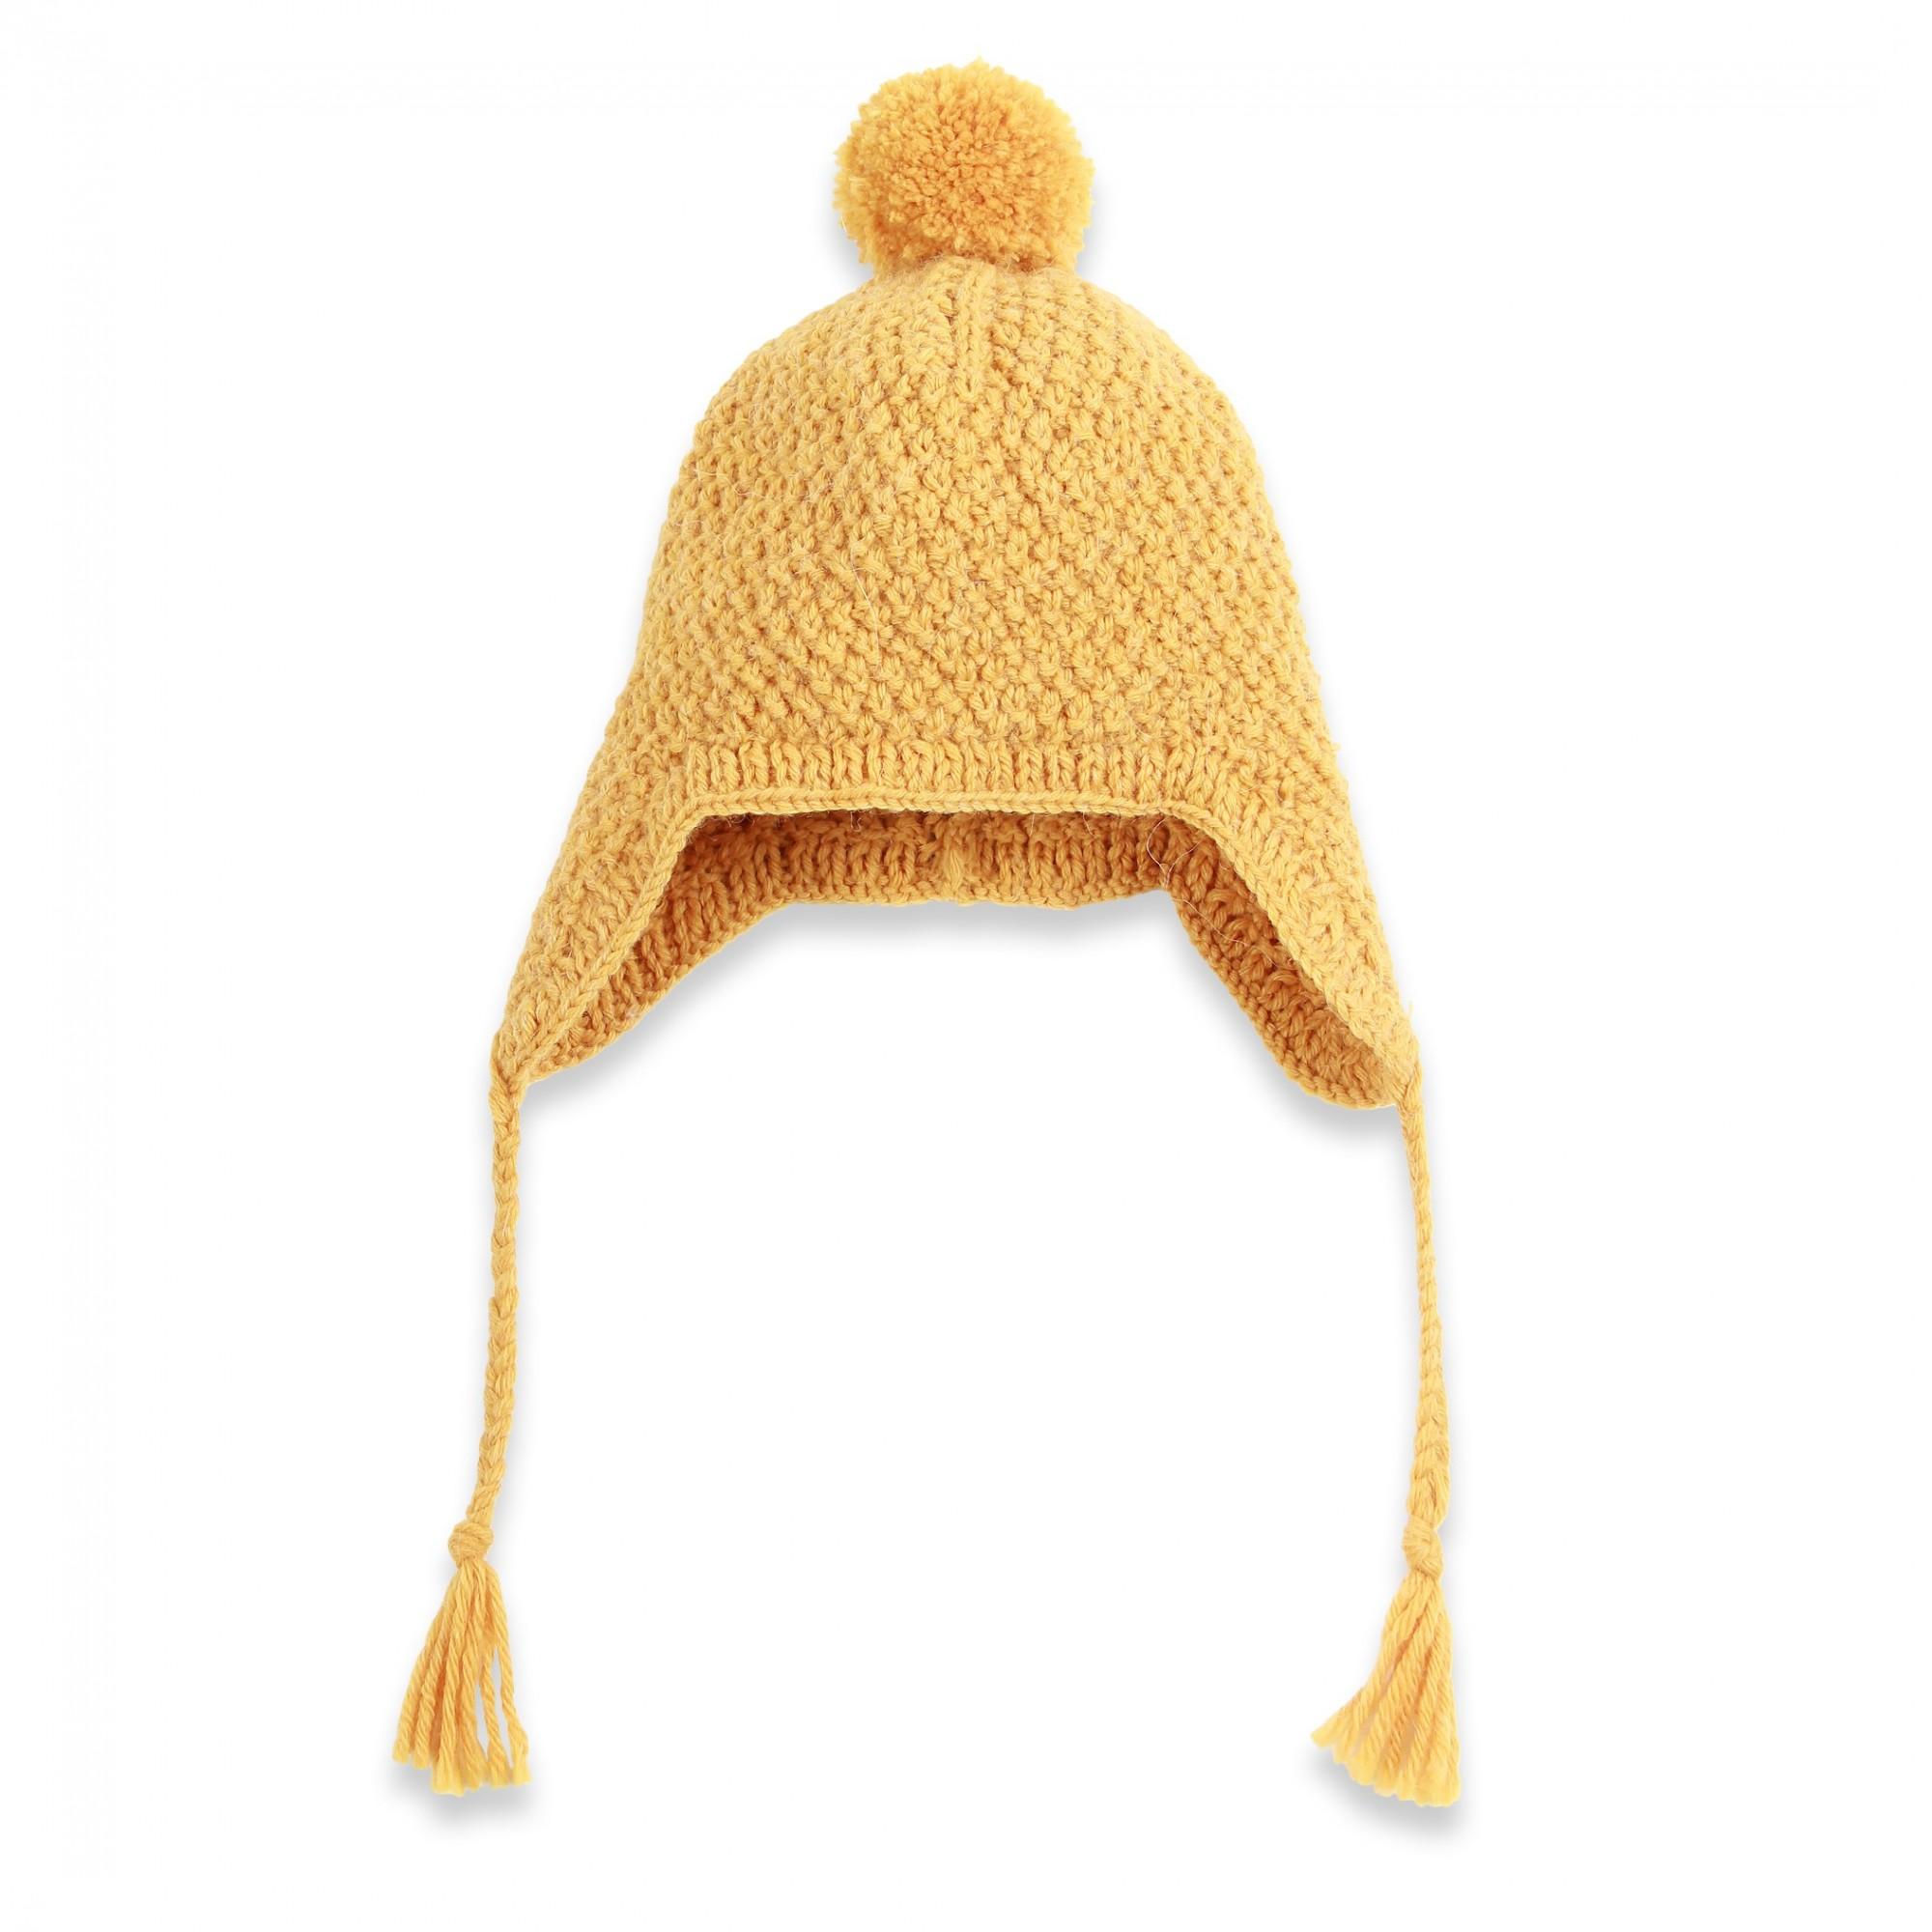 Bonnet bébé jaune type péruvien en laine et alpaga tricoté au point de blé f1b3119485d